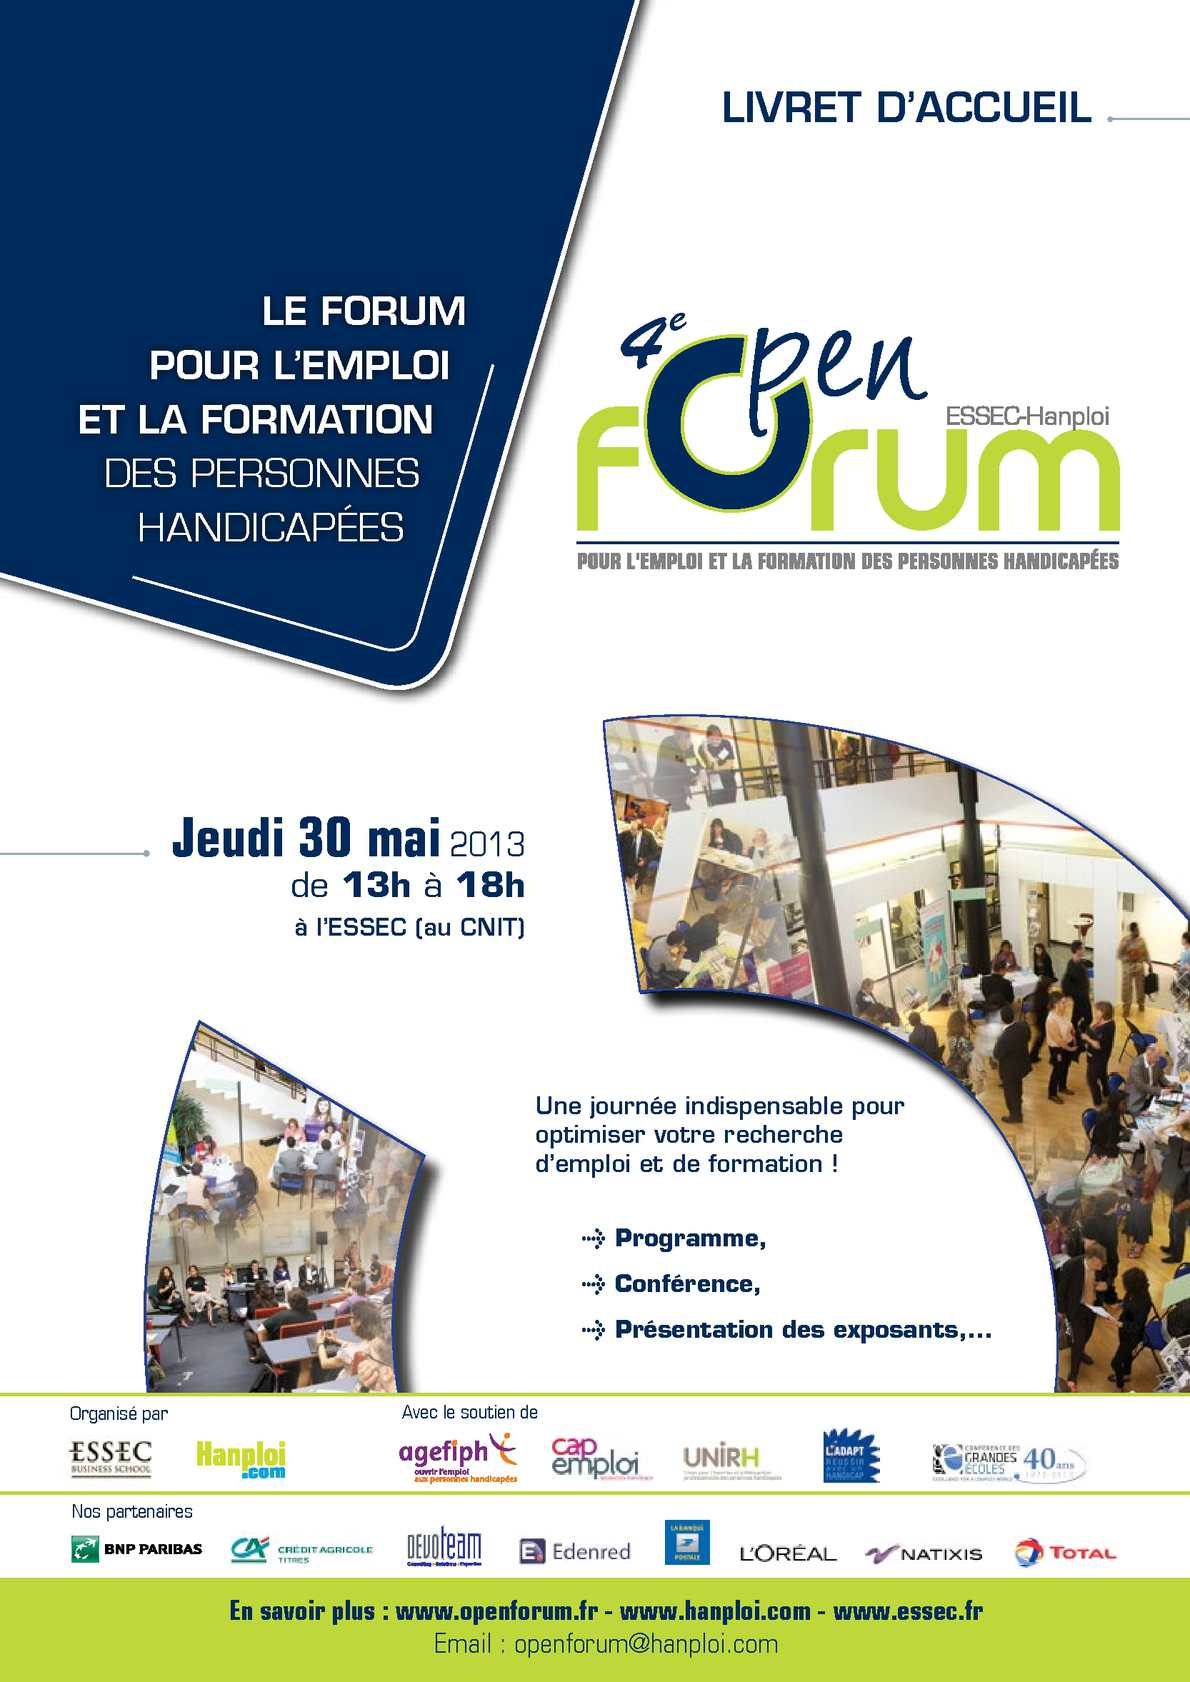 Calaméo   Open Forum   Livret d'accueil